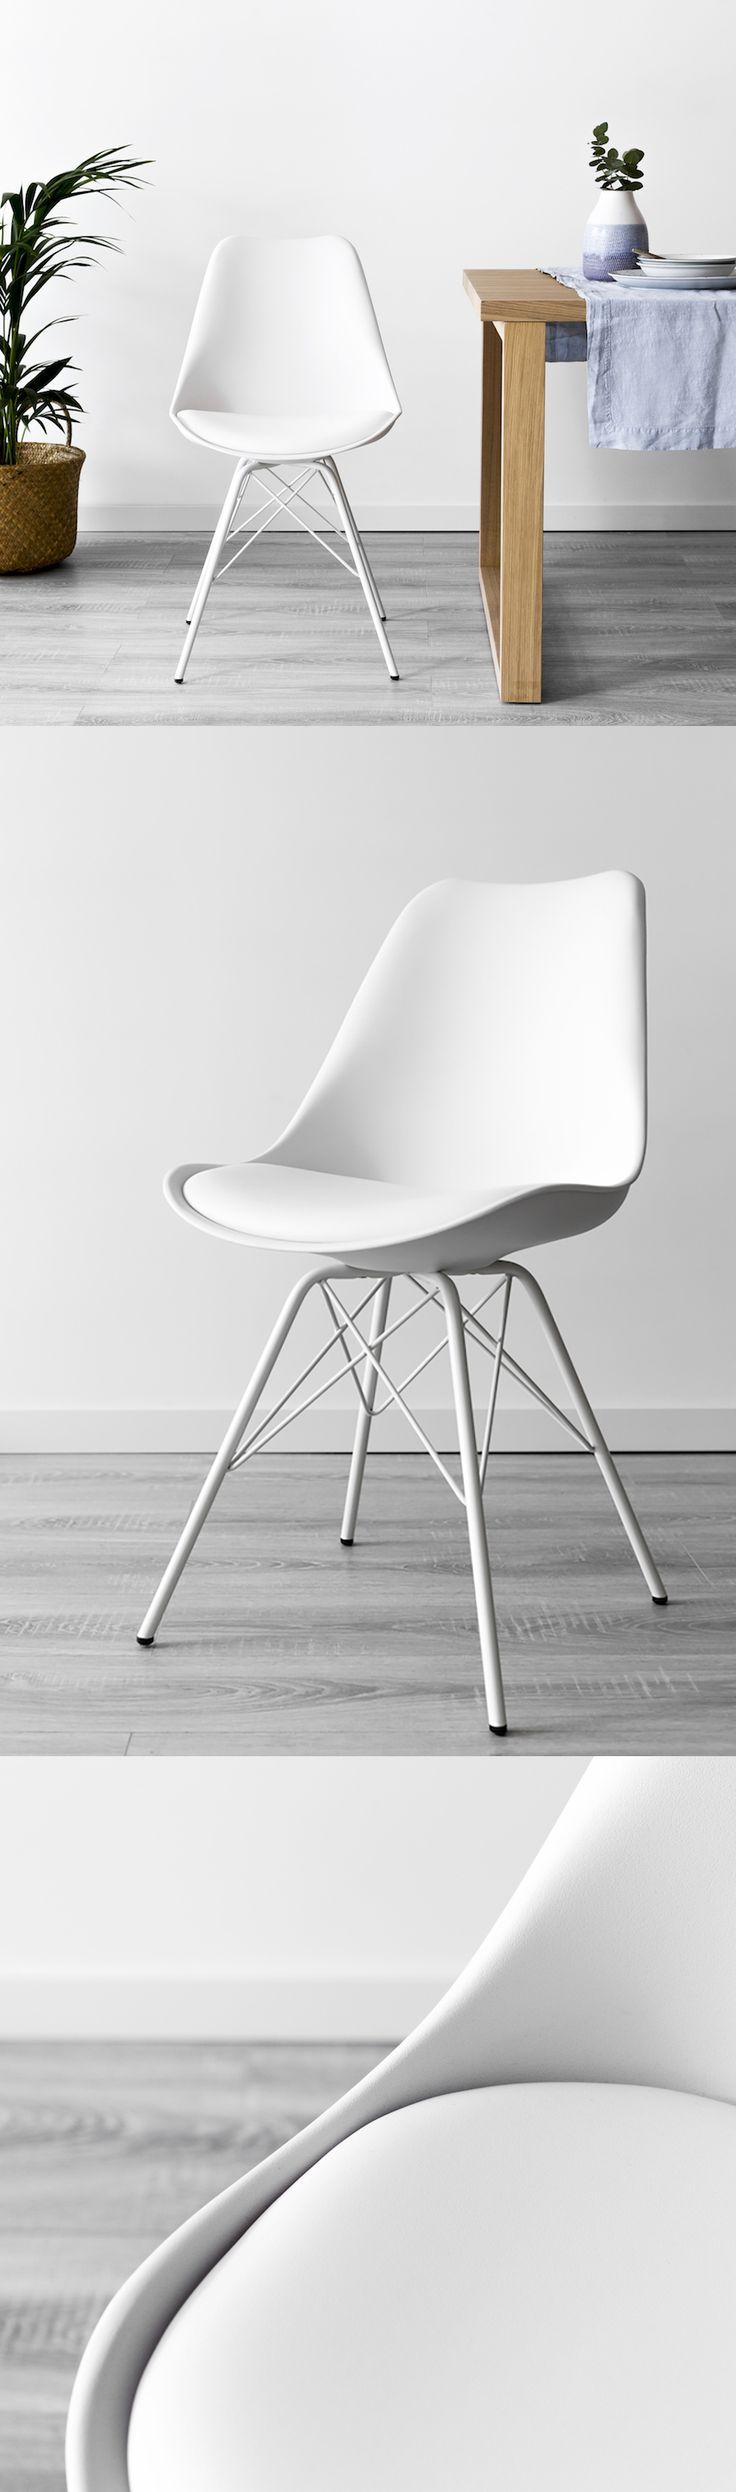 Silla blanca con patas metálicas Rass | Una original silla de polipropileno con asiento tapizado en piel sintética y patas de acero pintado en epoxy. Esta silla pertenece a la colección Rass, ¡una perfecta renovación de un clásico!  #kenayhome #home #silla #blanca #metal #plástico #rass #diseño #interior #nórdico #clásico #limpio #luz #deco #decoración #hogar #salón #comedor #cocina